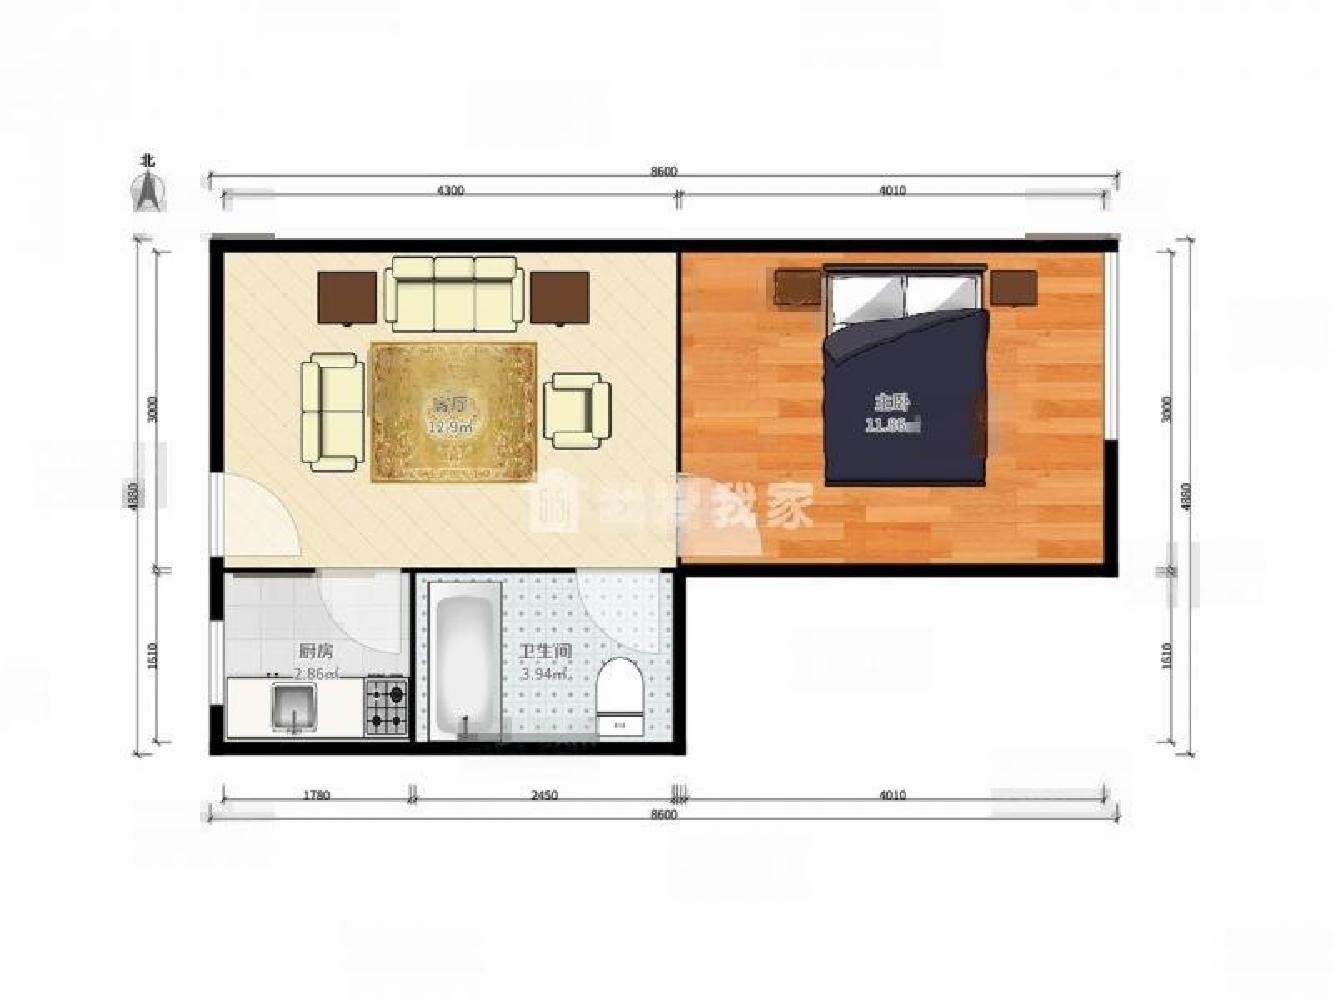 栖霞区仙林三味公寓1室1厅户型图